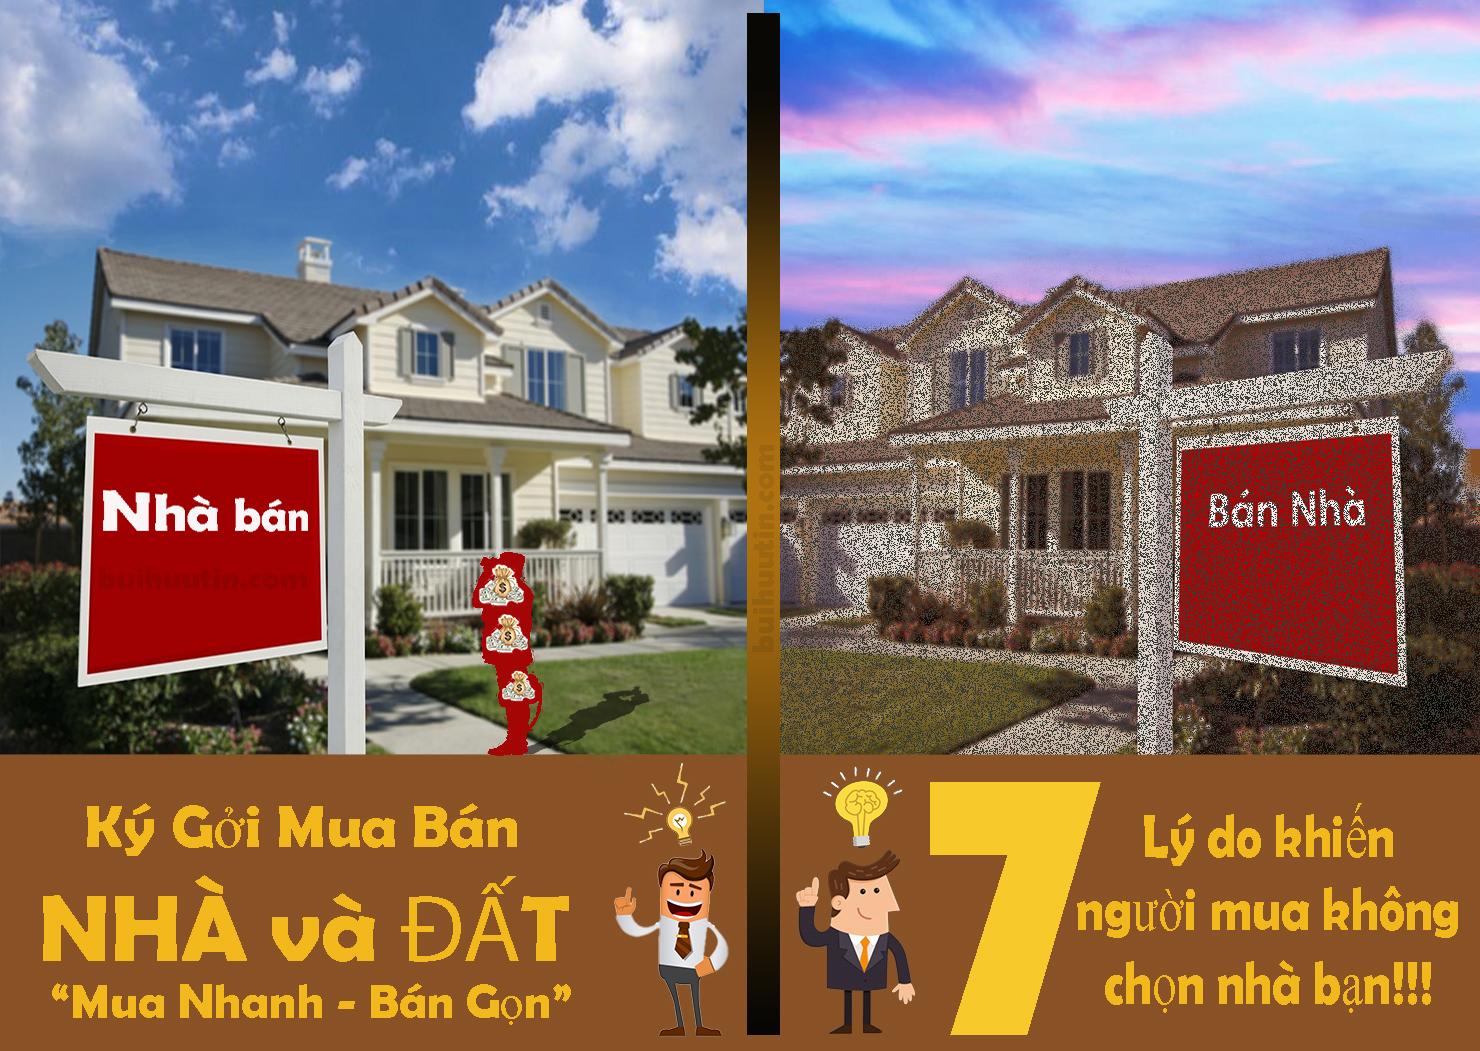 7 cách bán nhà nhanh